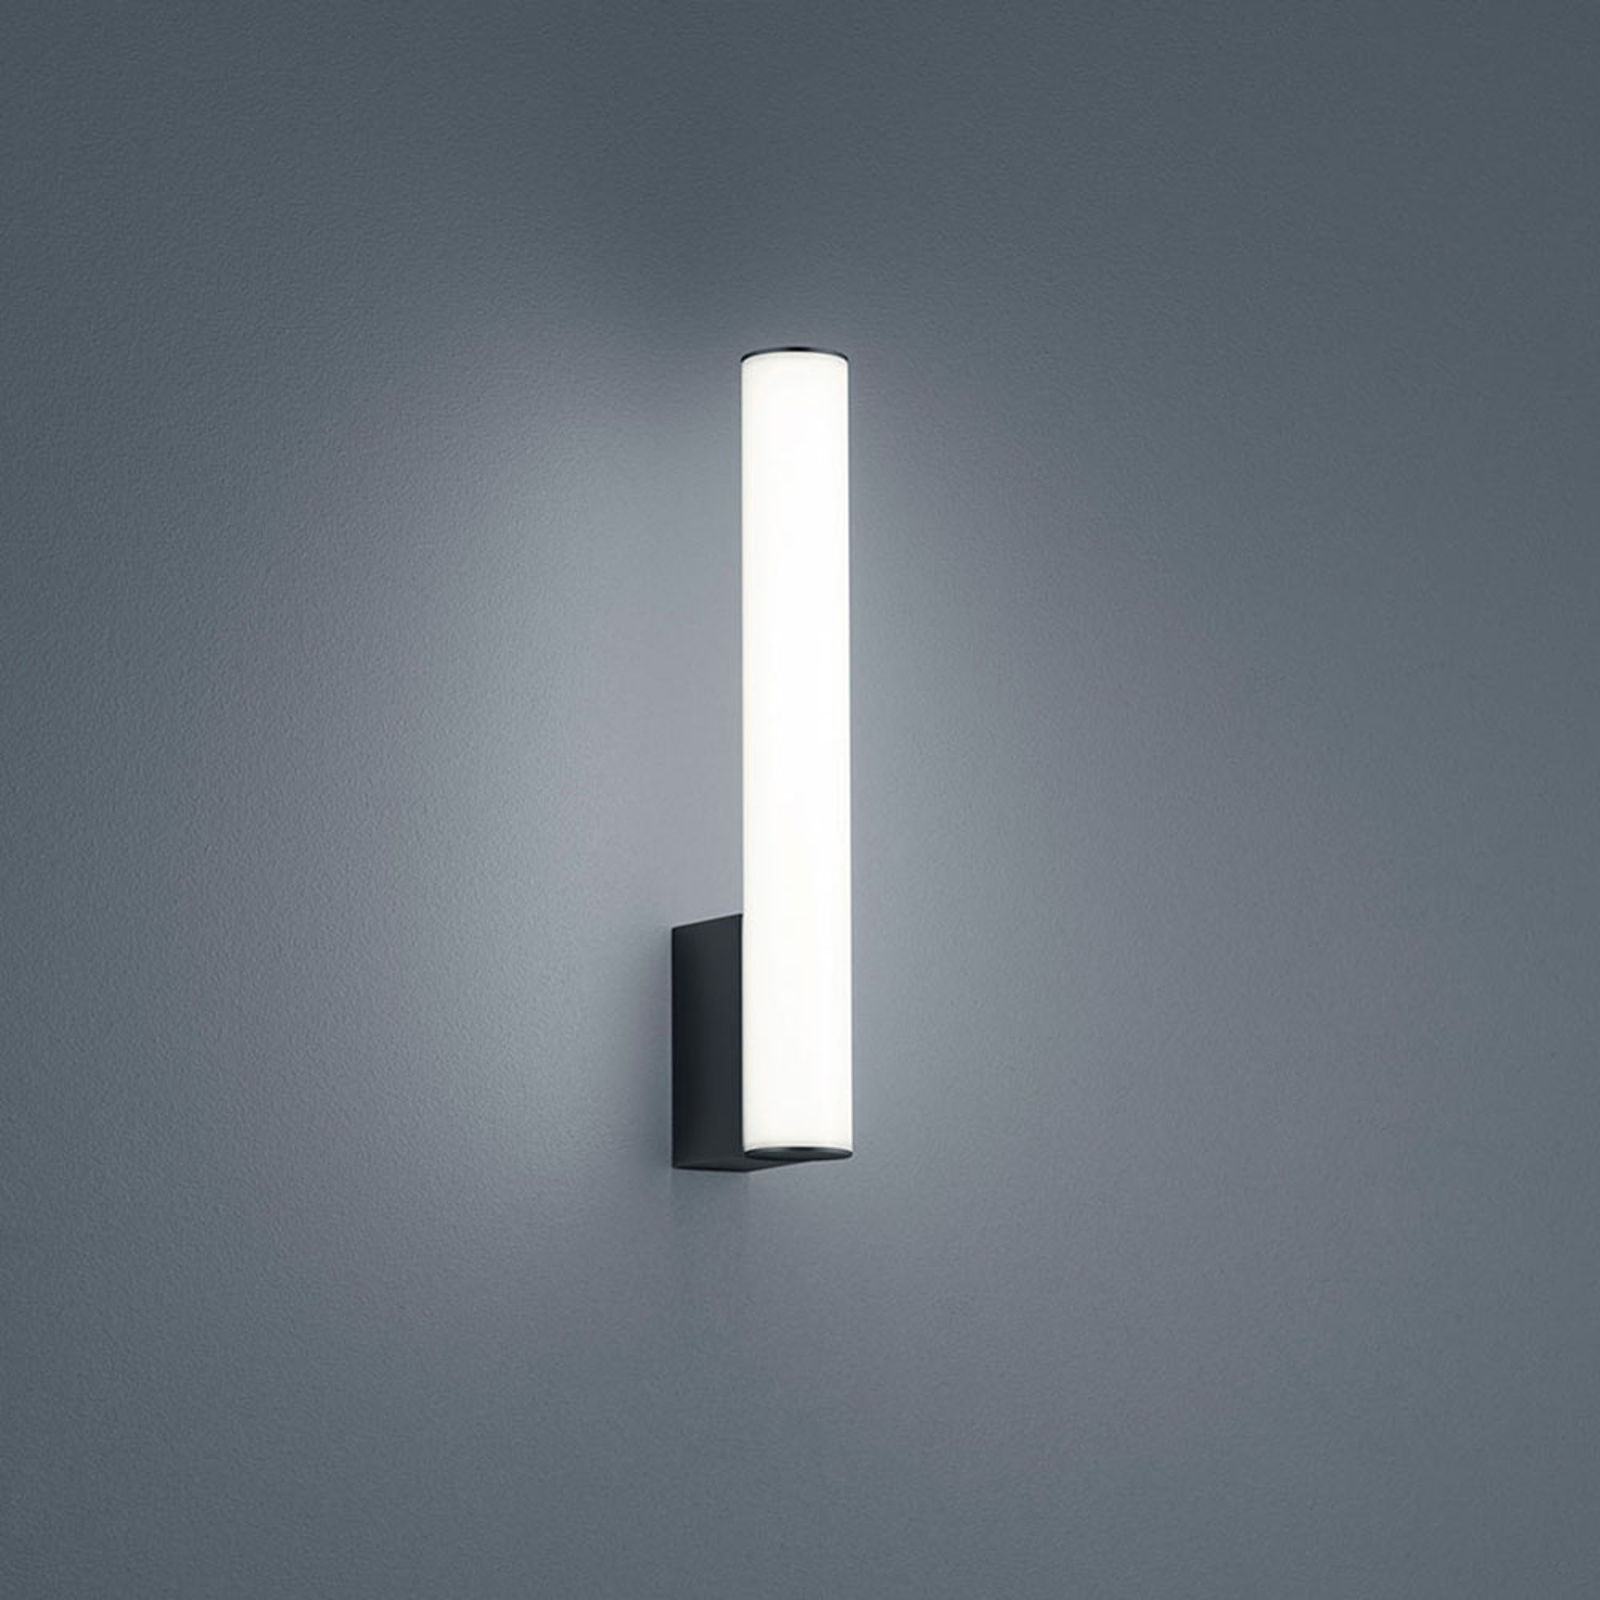 Helestra Loom lámpara de espejo LED negro 30 cm